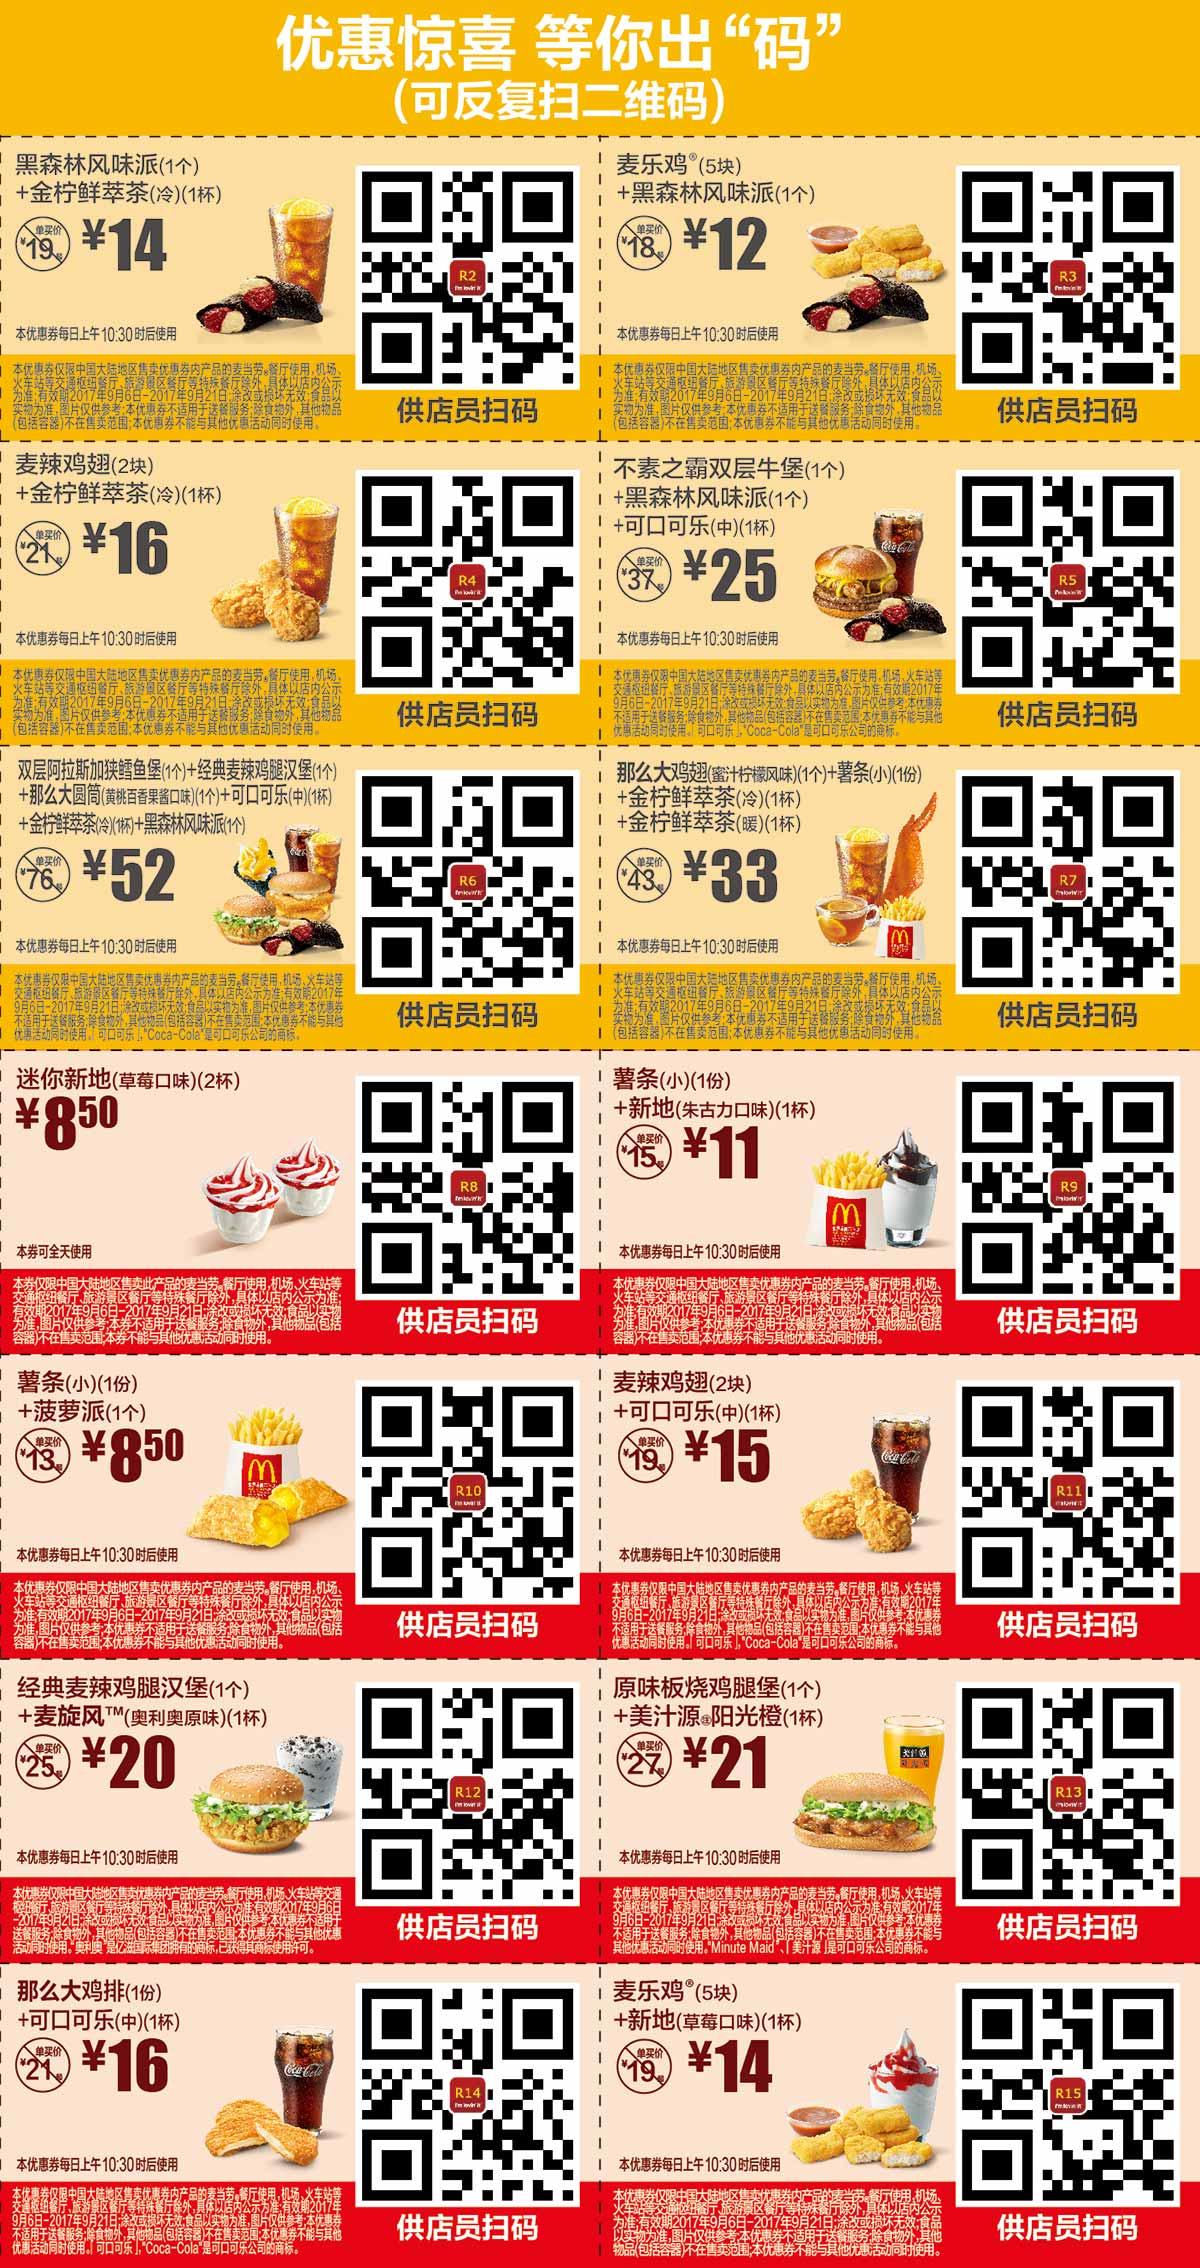 麦当劳优惠券2017年9月份手机版整张版本,出示店员扫码享优惠 有效期至:2017年9月21日 www.5ikfc.com